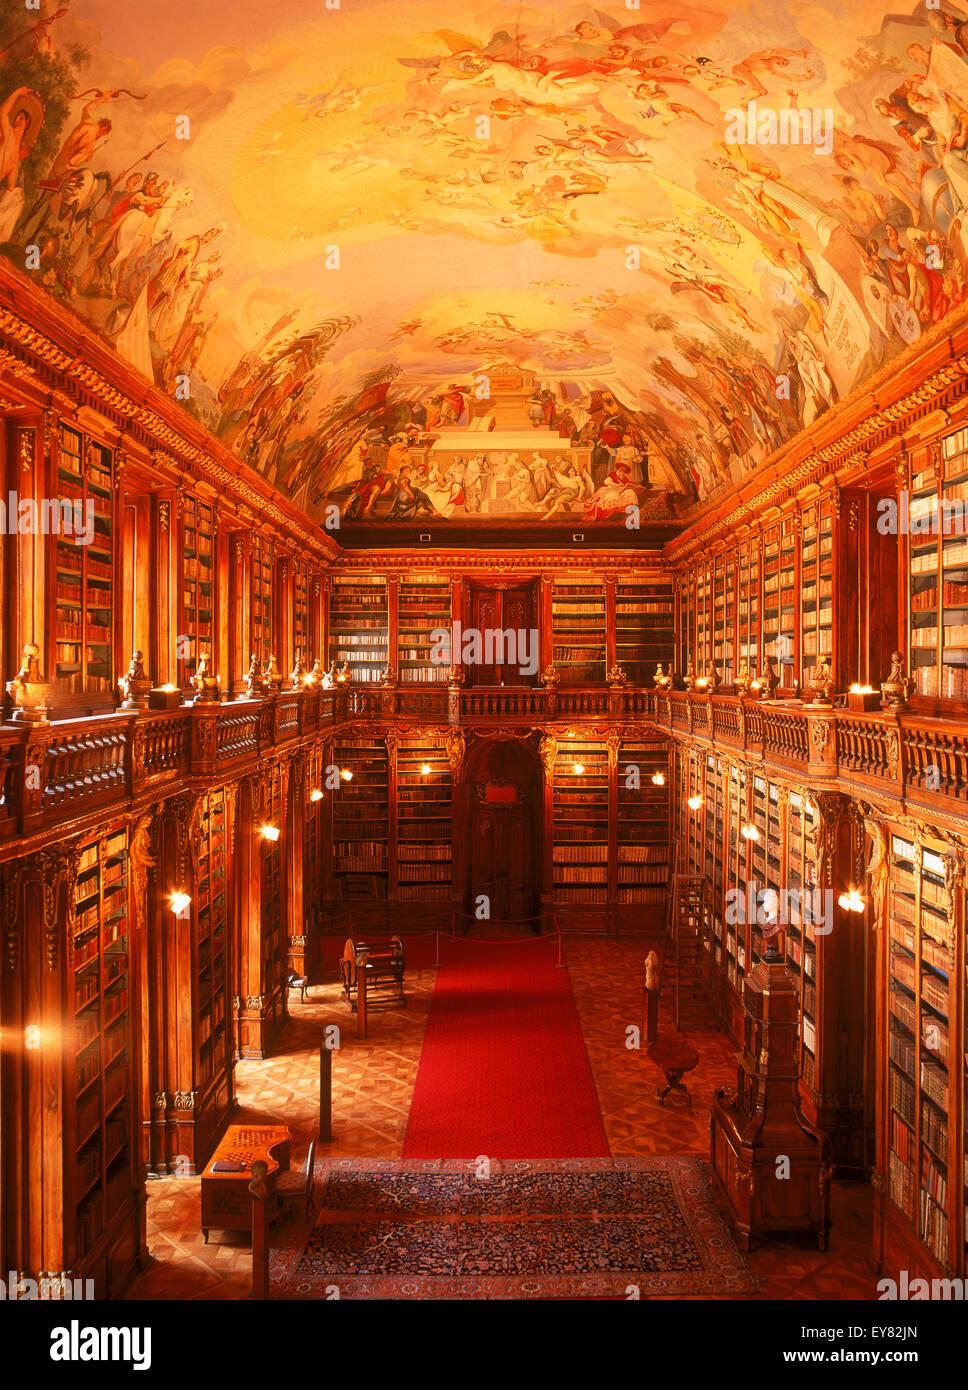 Monumentale affresco sul soffitto della sala filosofica nella libreria di Strahov presso il Monastero di Strahov Immagini Stock